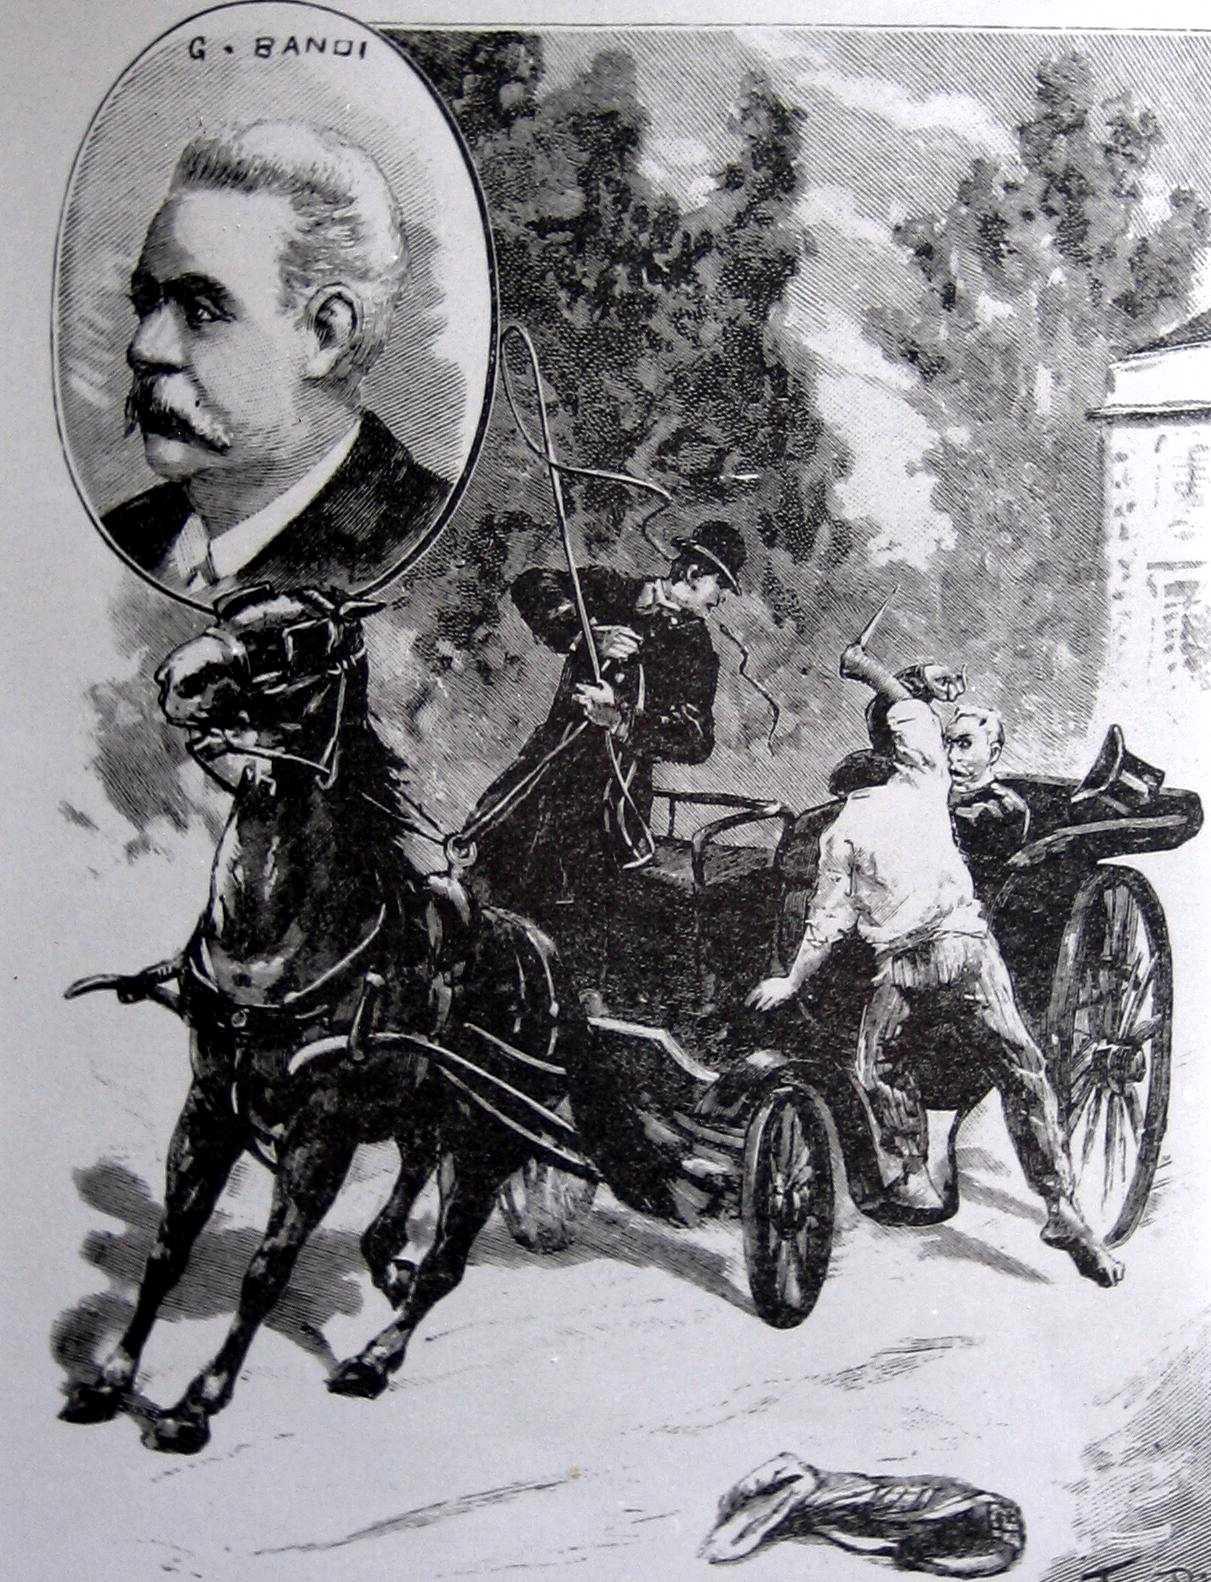 L'atemptat de Lucchesi contra Bandi segons un dibuix de l'època